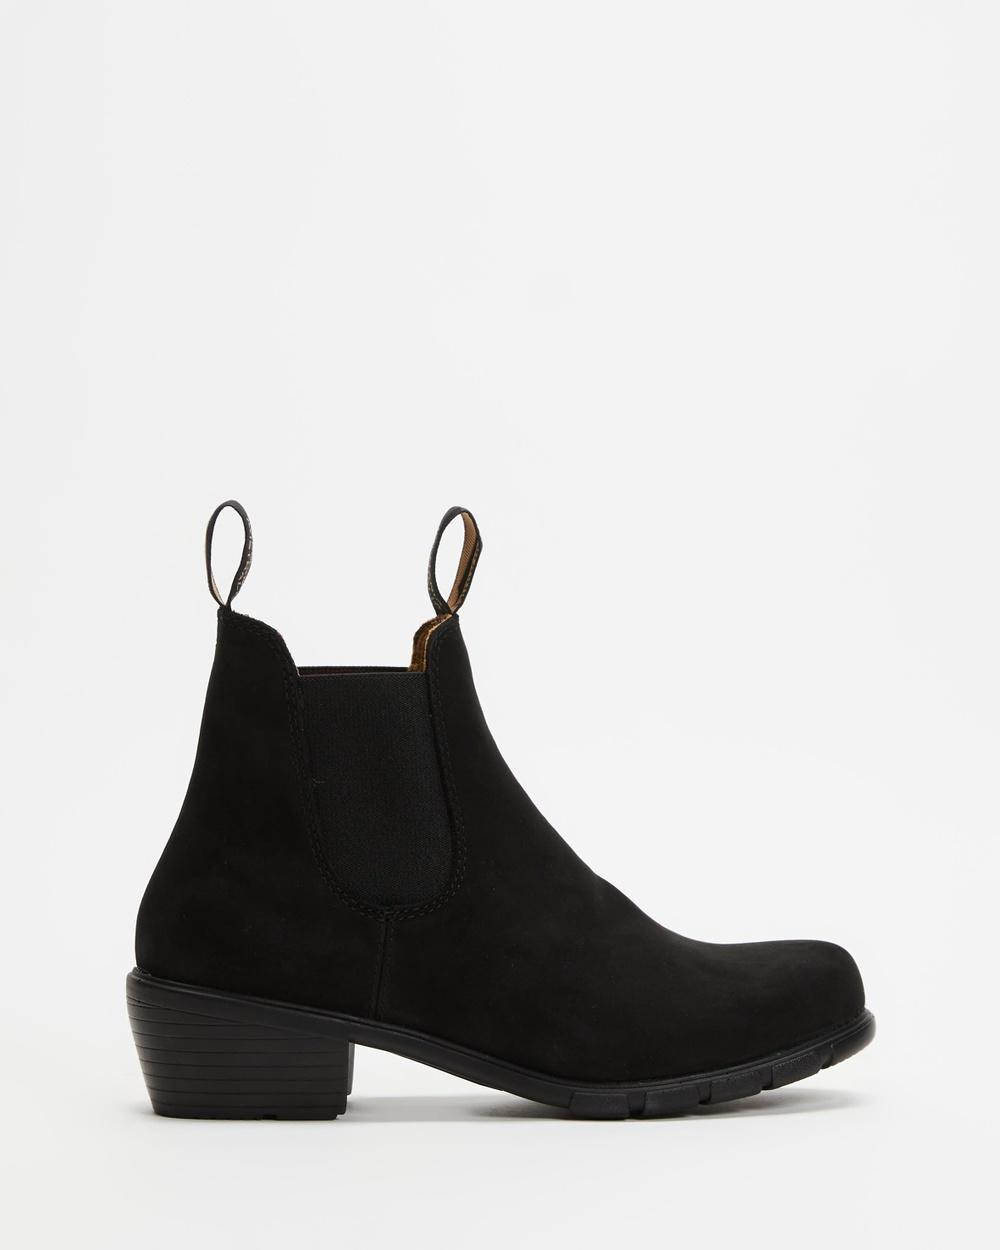 Blundstone 1960 Women's Boots Black Nubuck